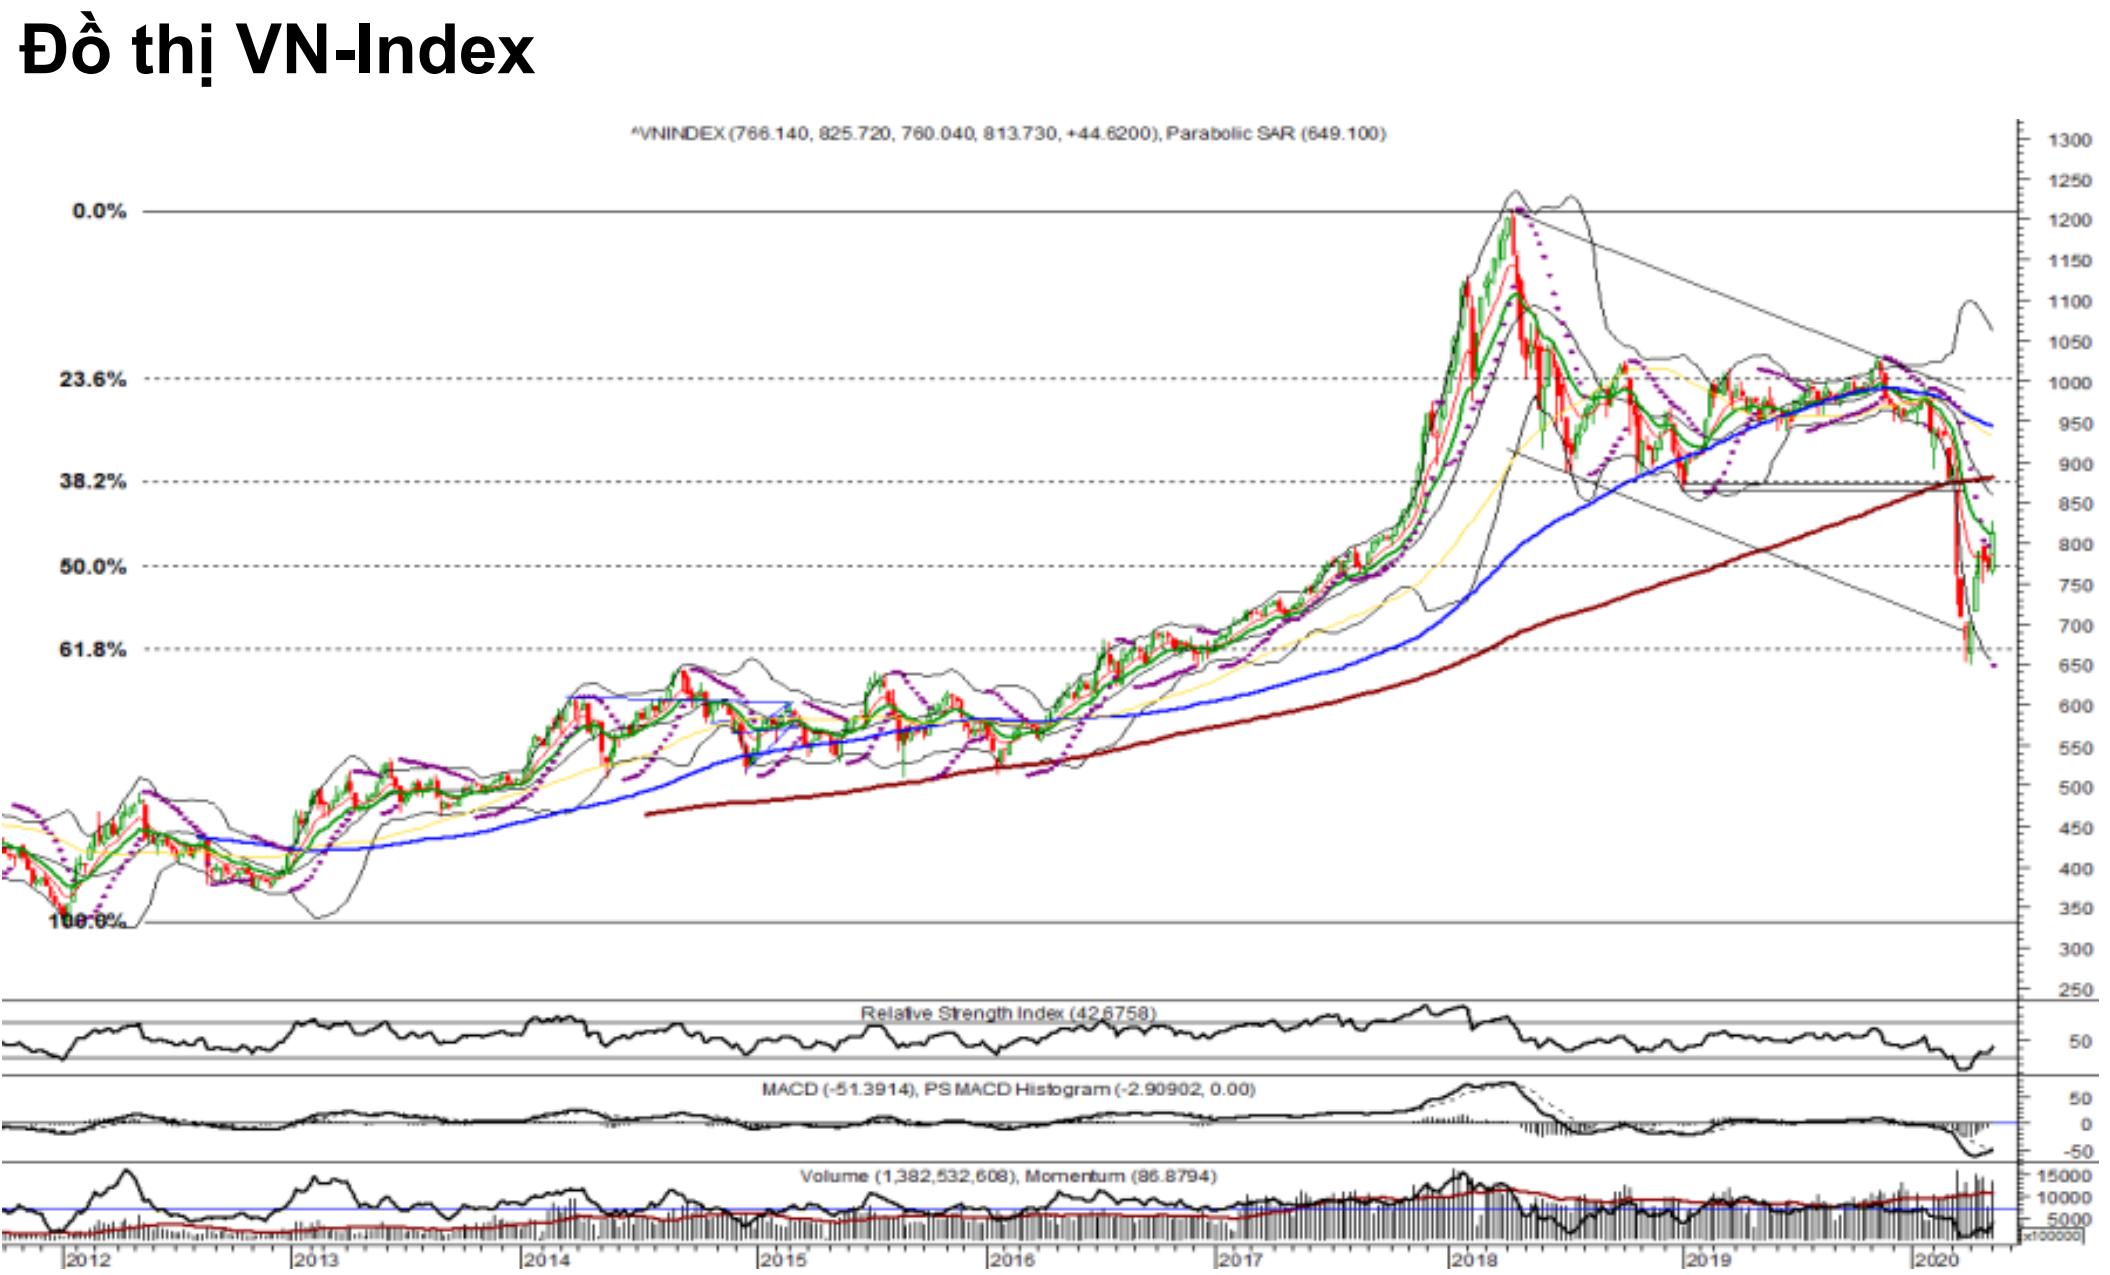 Nhận định thị trường chứng khoán tuần 11 - 15/5: Kiểm định vùng hỗ trợ 795 - 800 điểm - Ảnh 1.